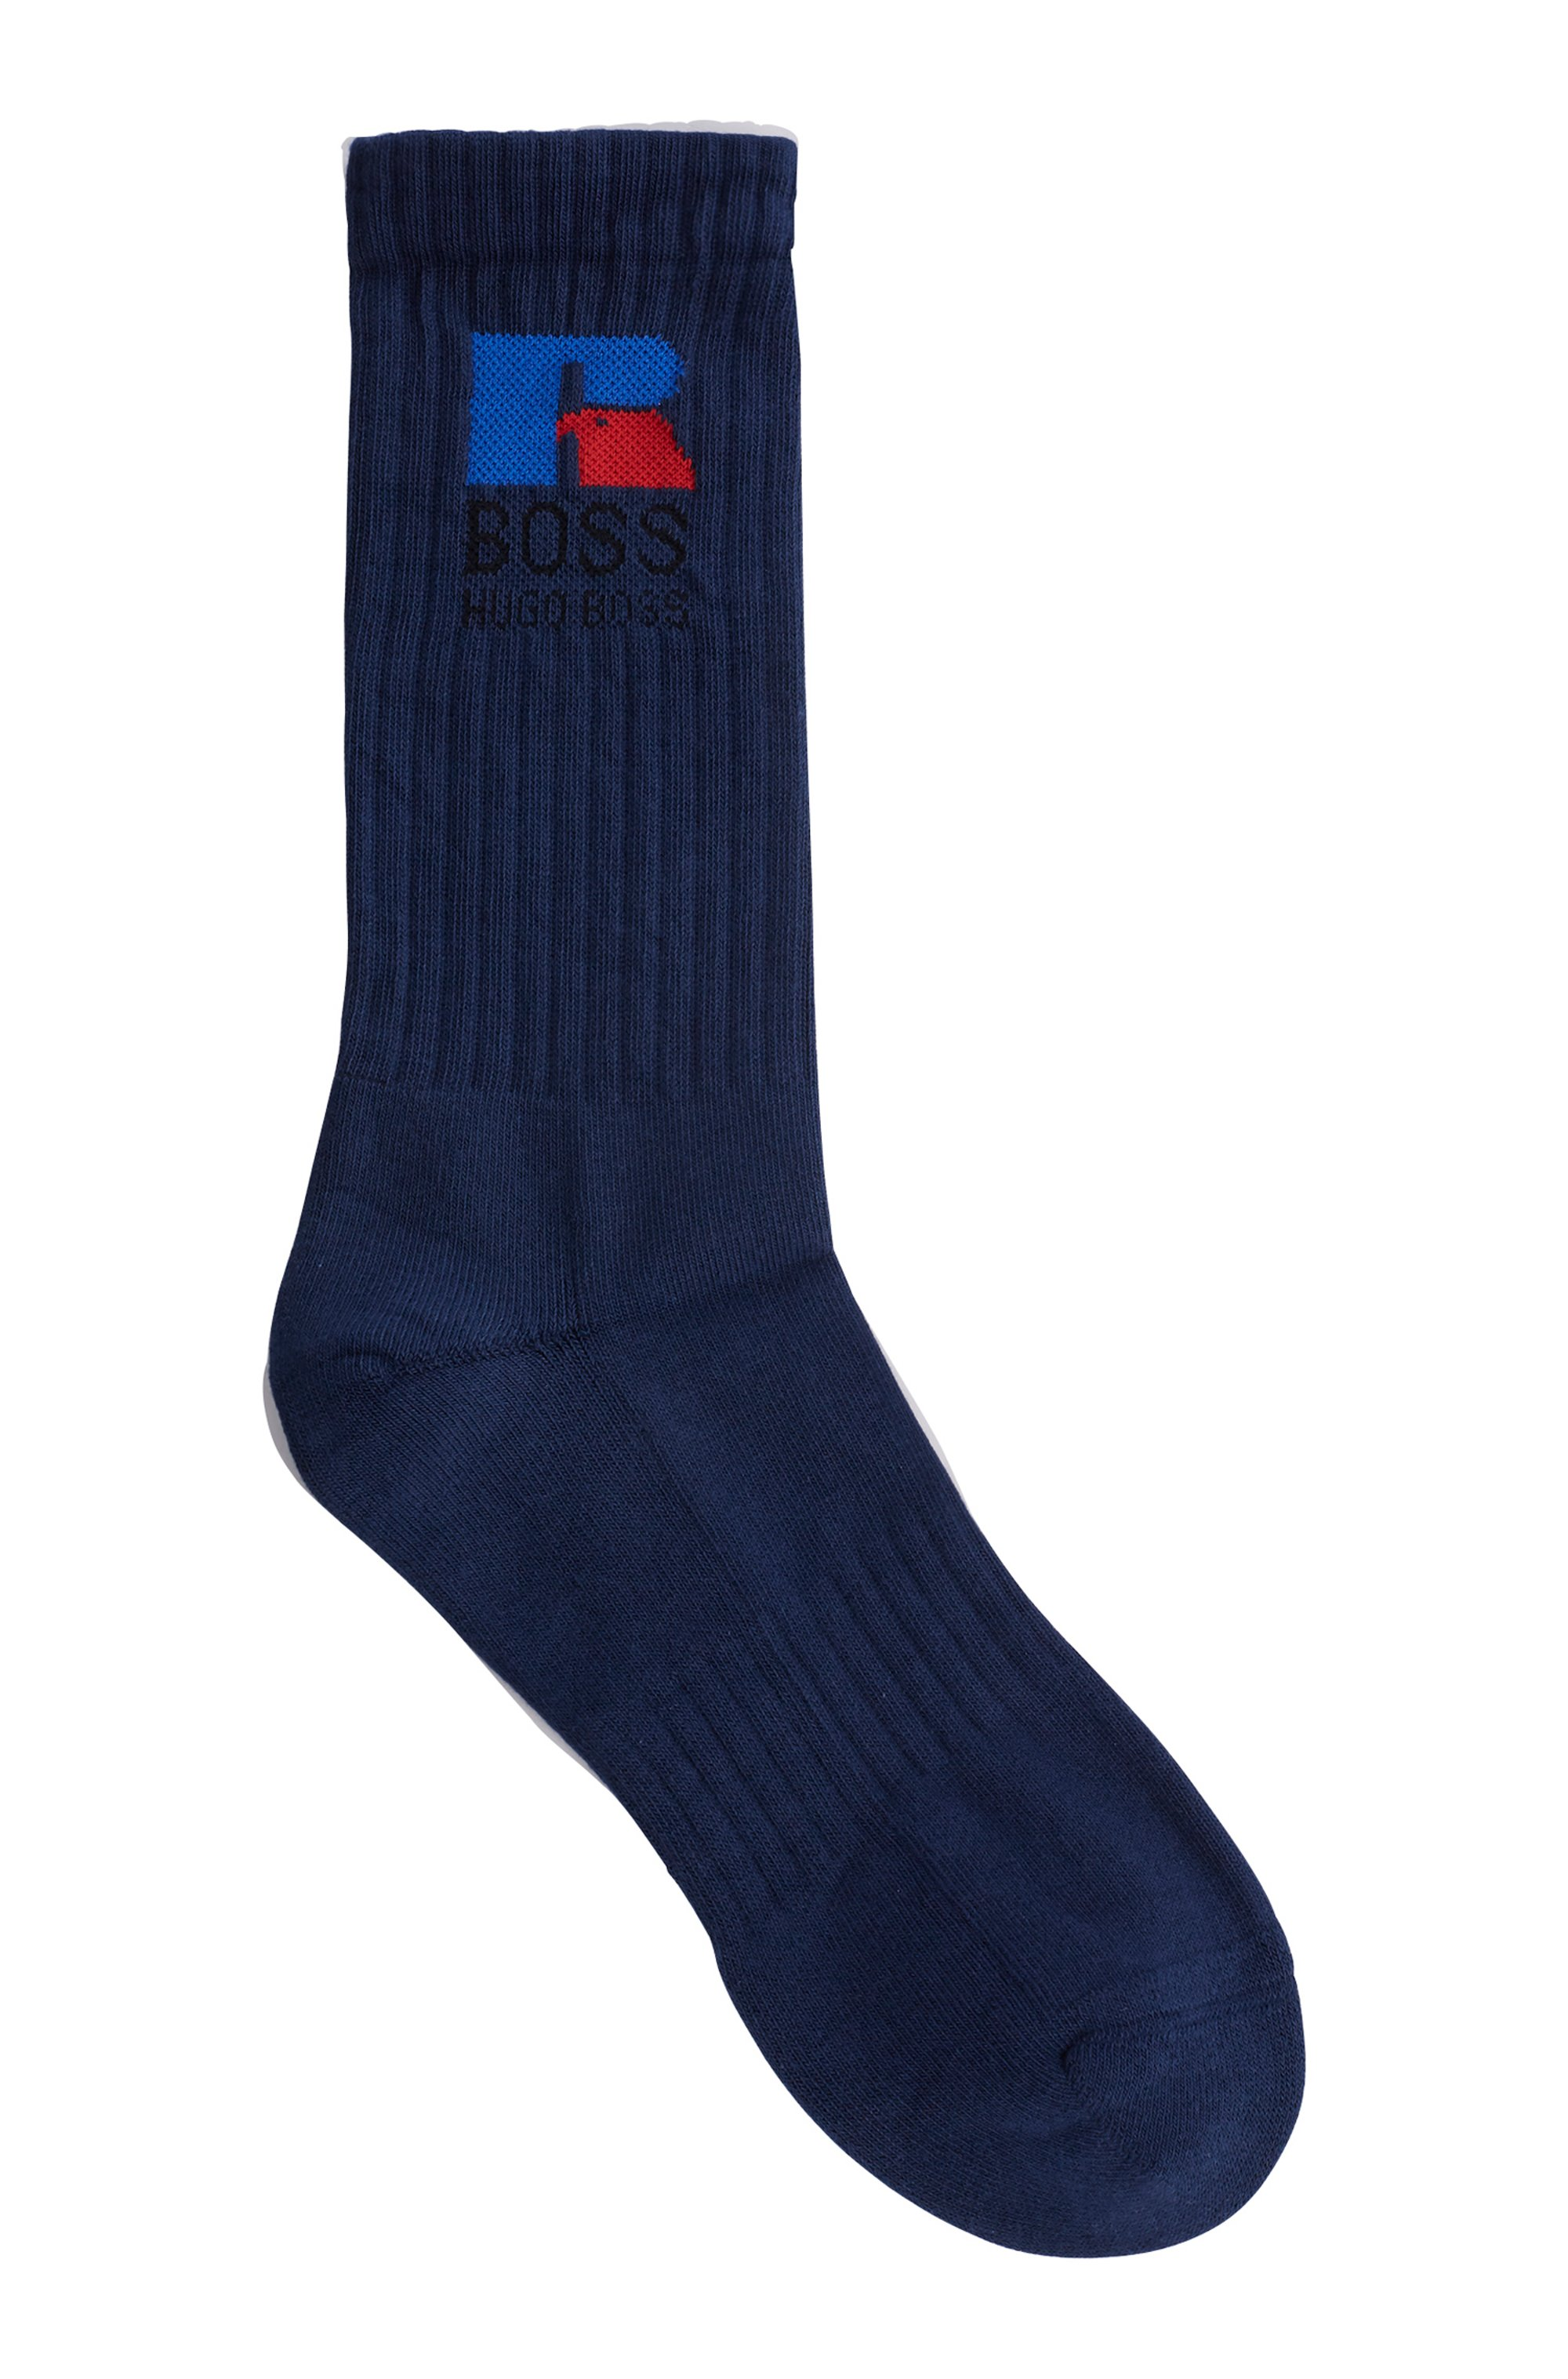 Chaussettes mi-mollet en tissu stretch avec logo exclusif, Bleu foncé